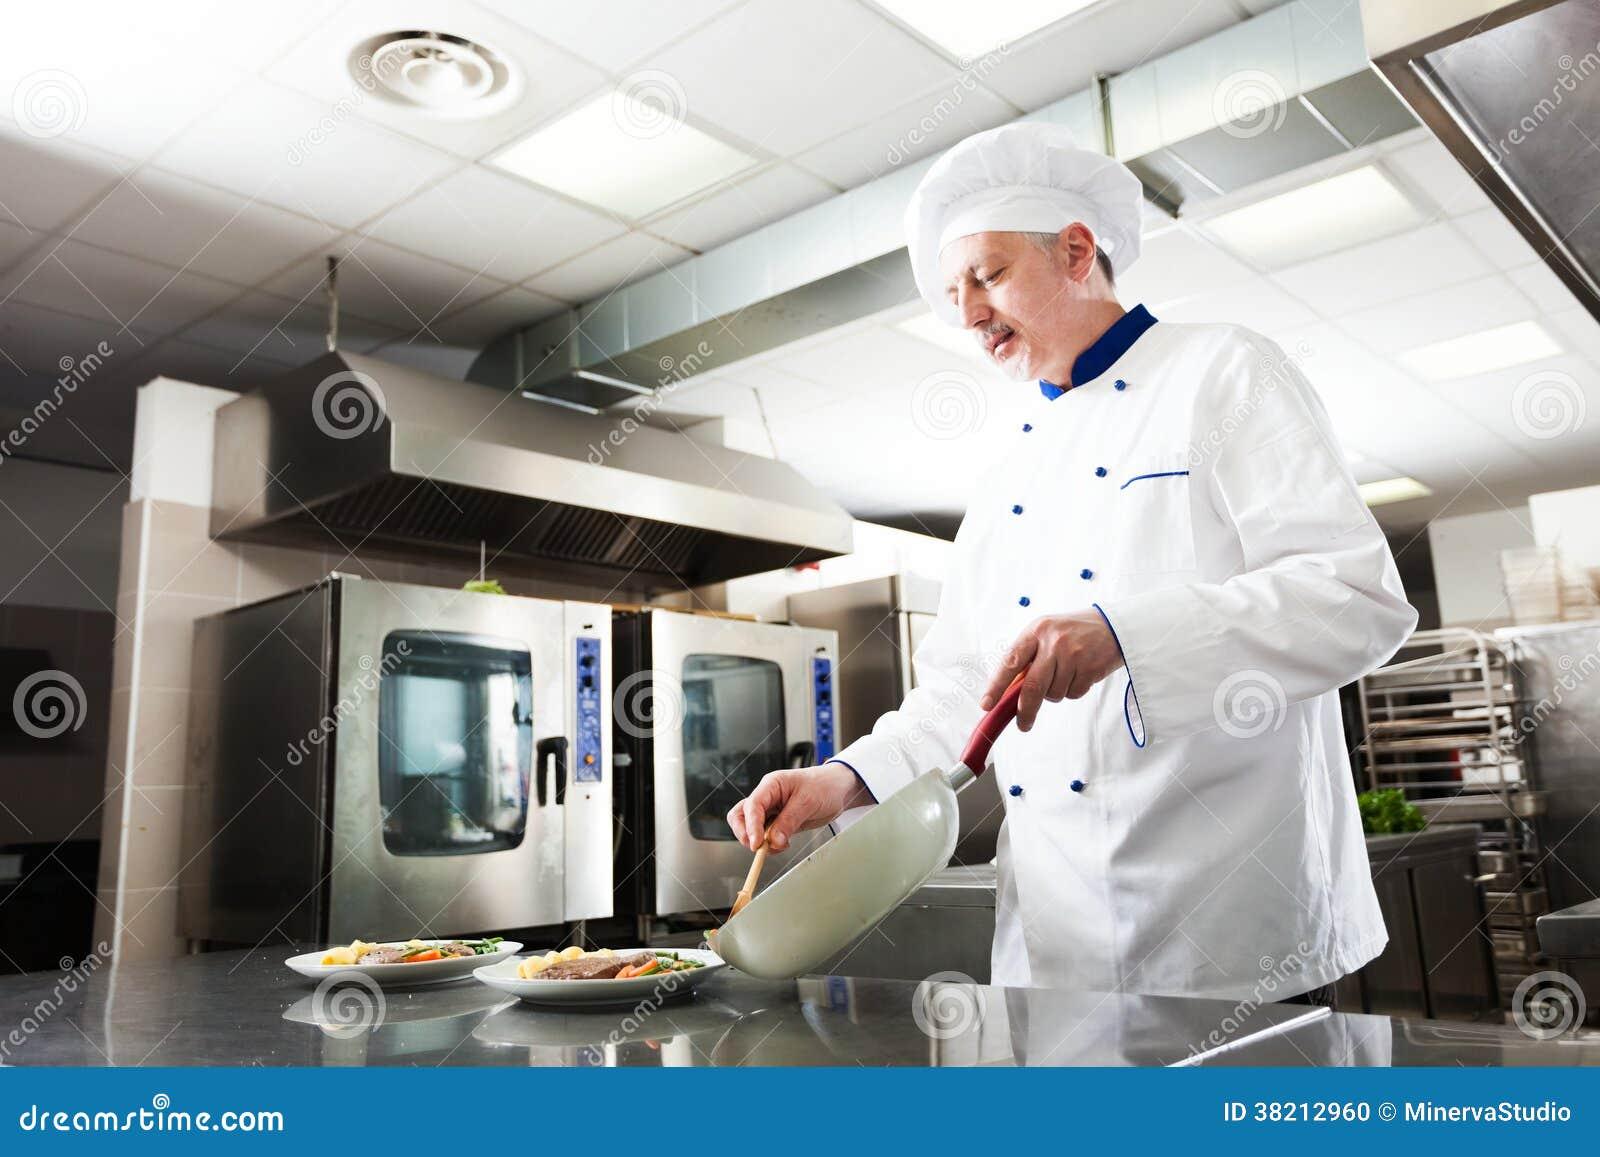 Cocinero profesional en el trabajo